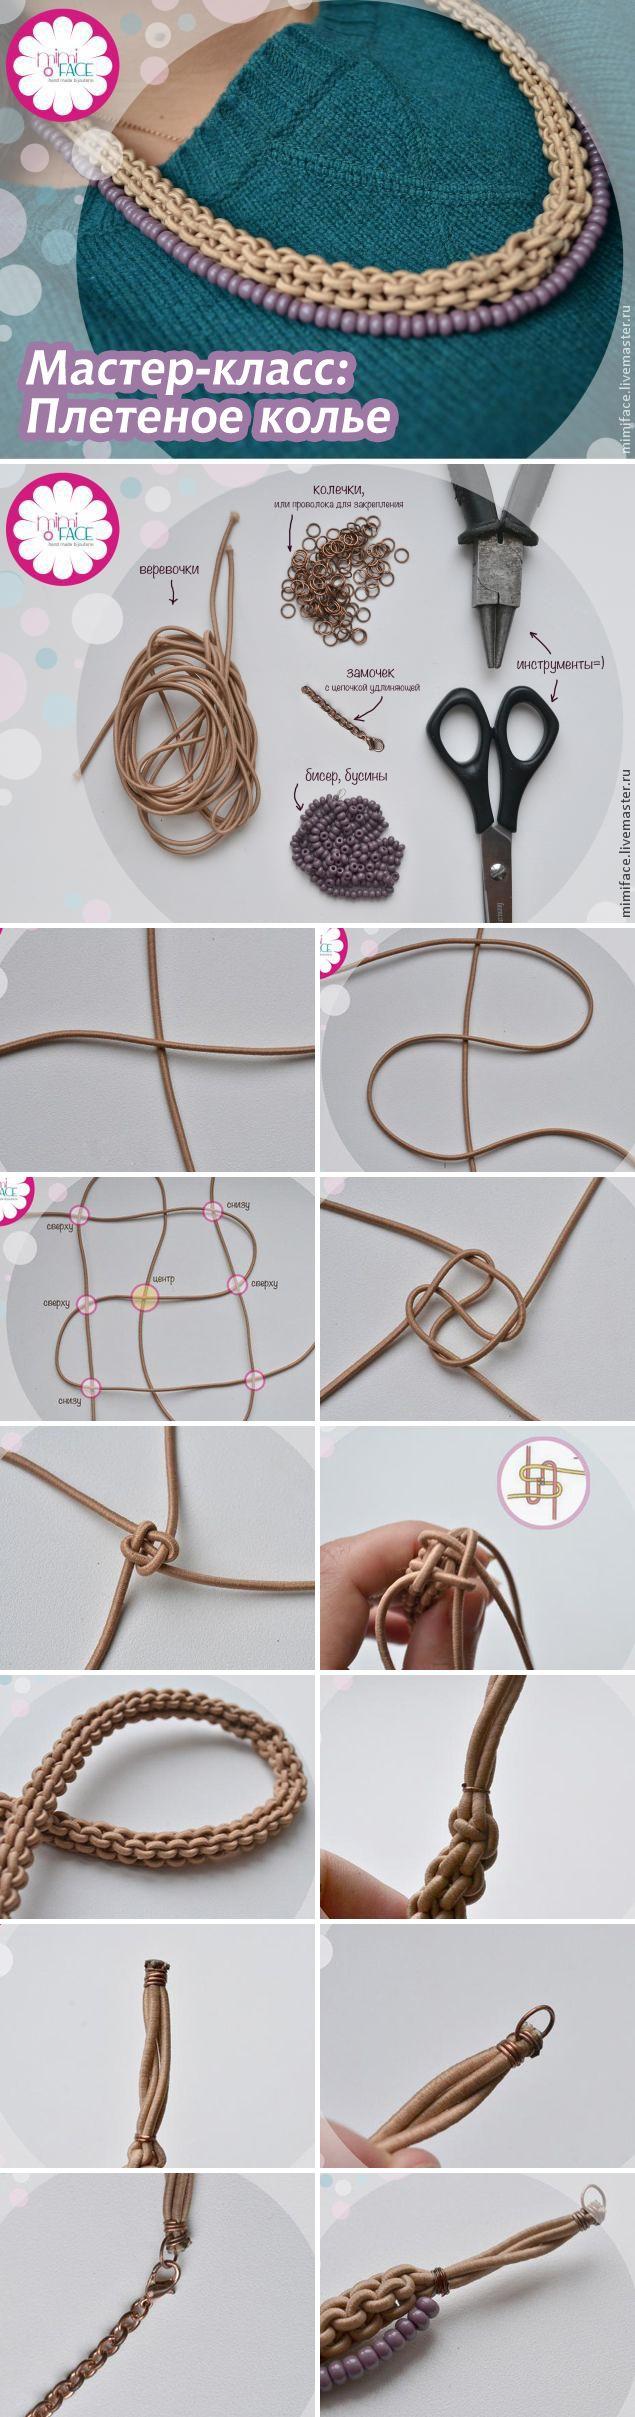 Делаем плетеное колье своими руками / DIY Weaved Necklace #diy #necklace #weav